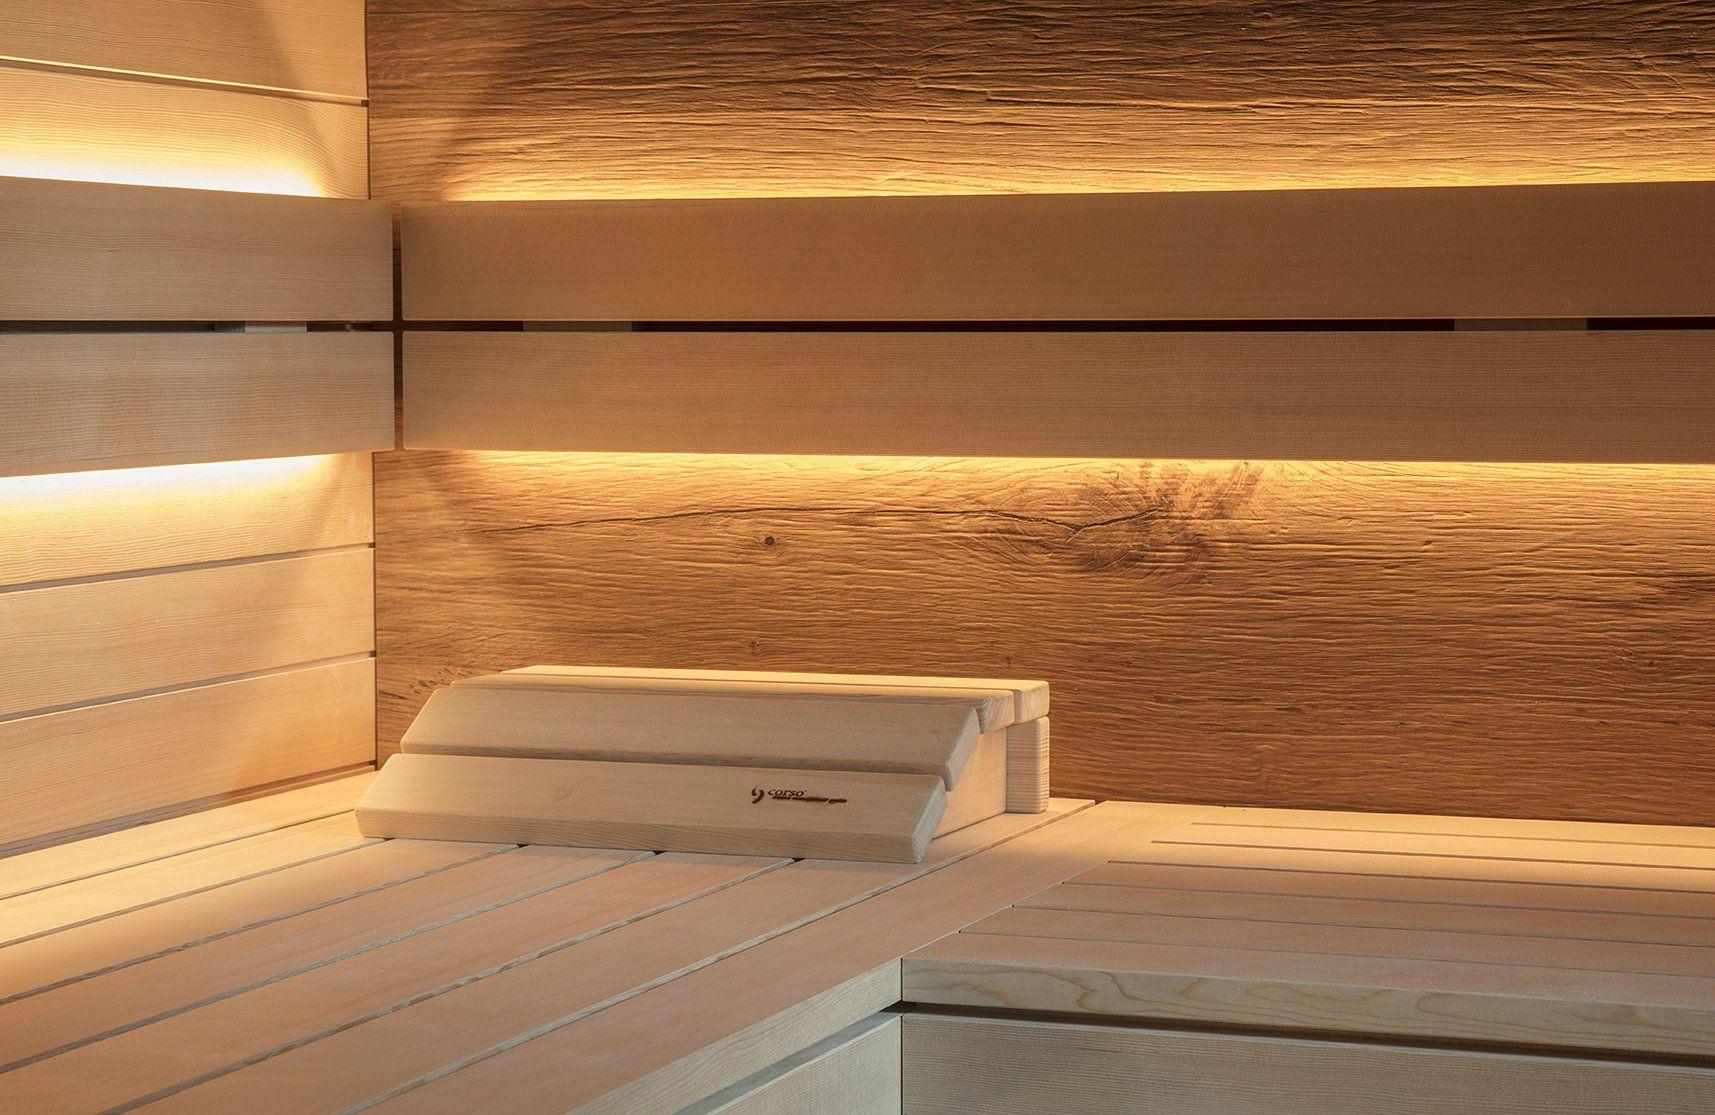 Sauna Im Bad Behaglich Und Warmend In 2020 Saunaofen Sauna Eiche Rustikal